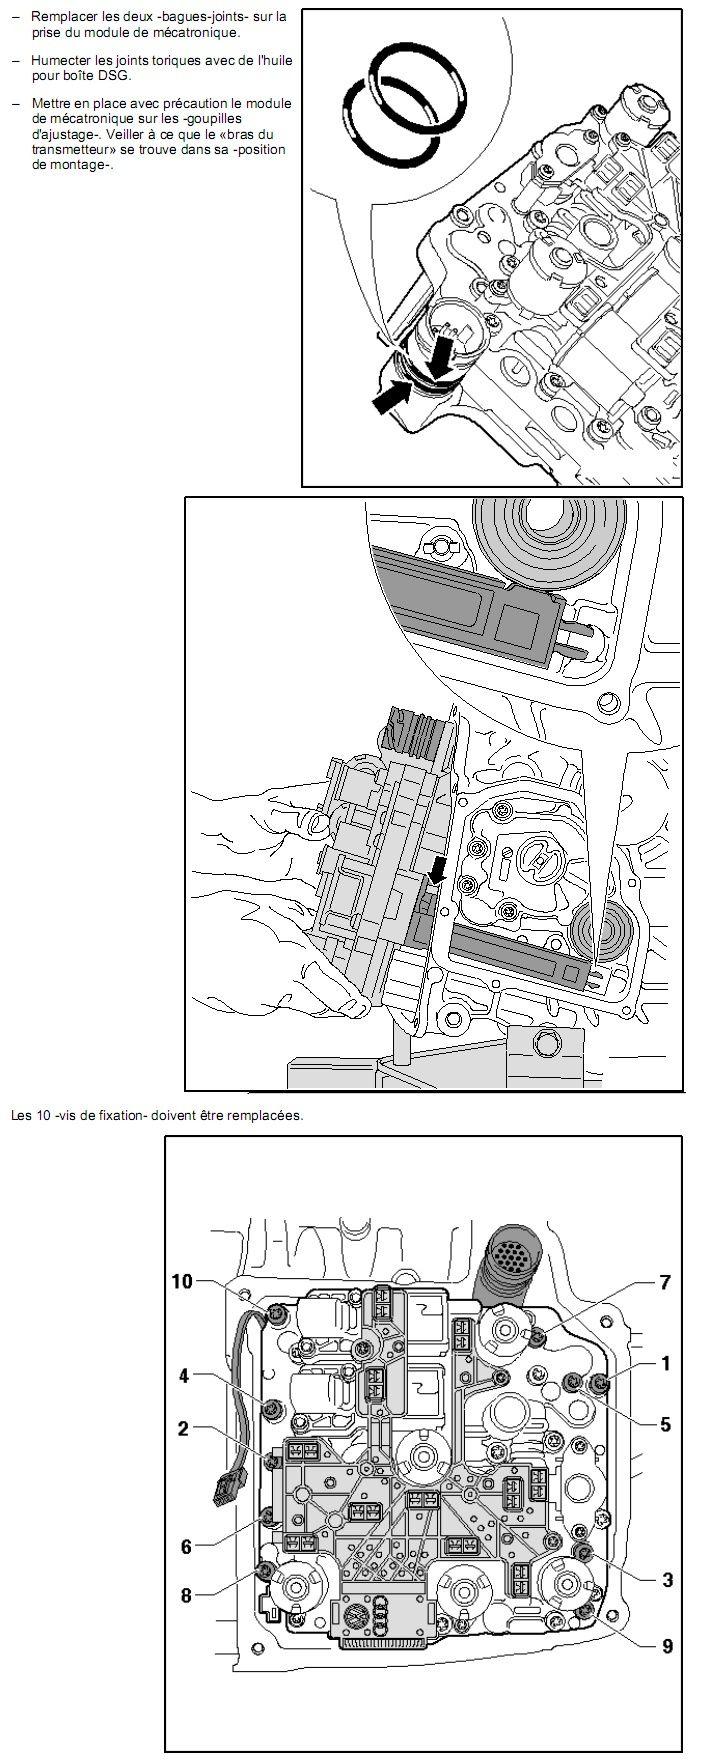 Description et Réparation - Boite DSG 02E  Dsg2610